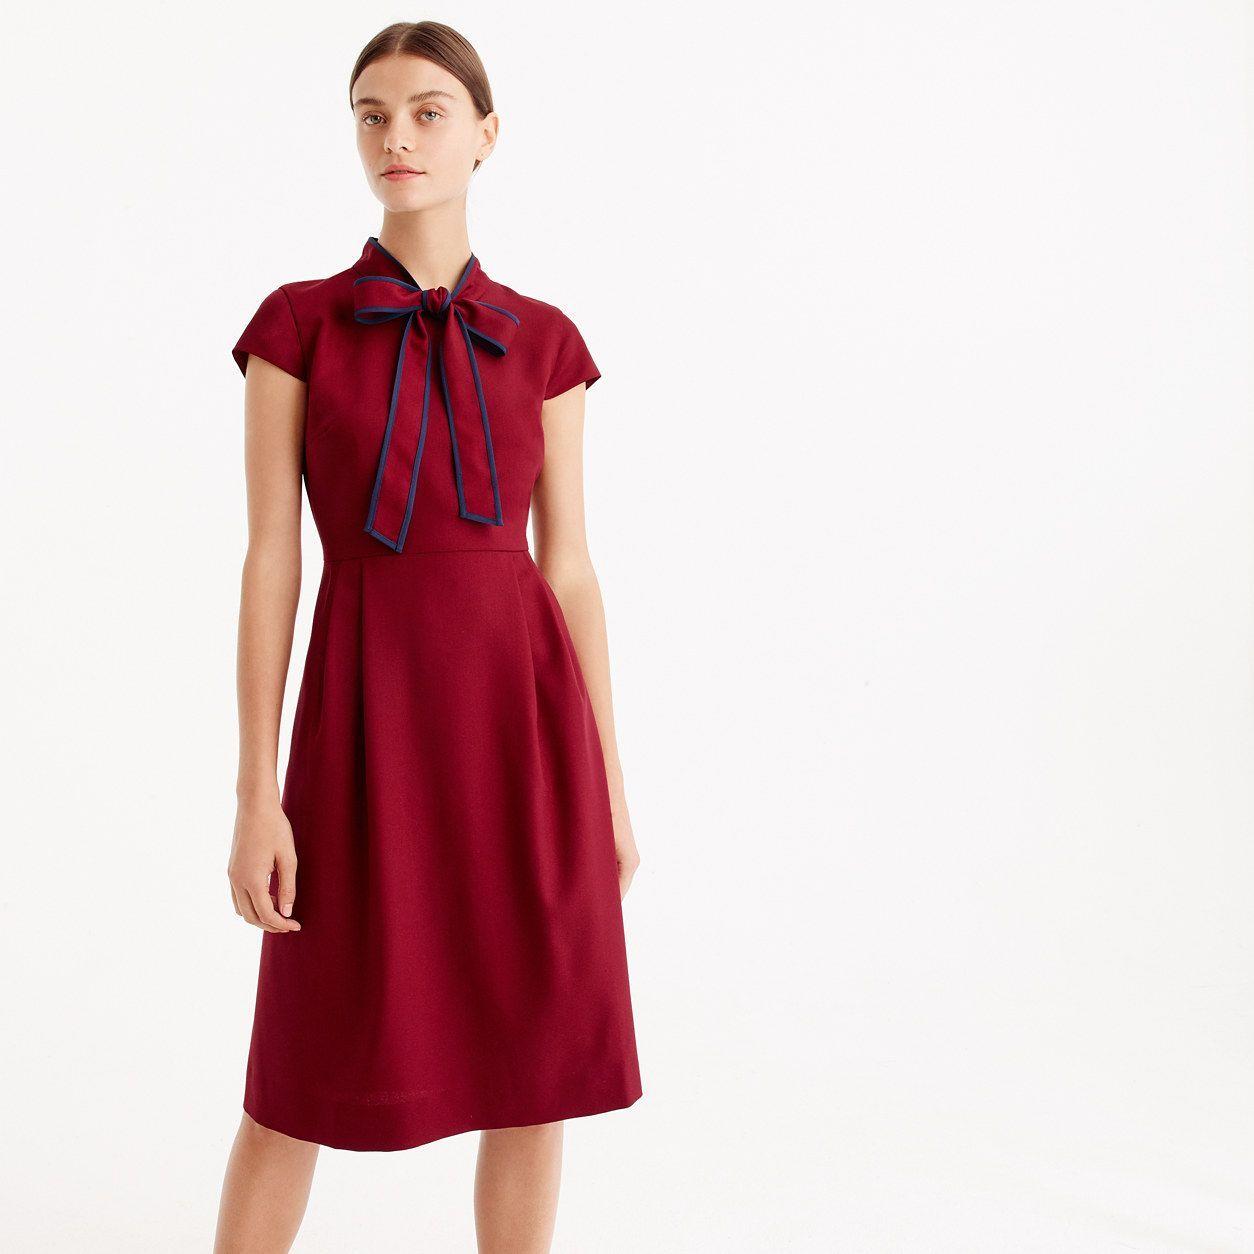 0de853d0e J.Crew Womens Tie-Neck Dress In Italian Wool Crepe   Outfit ...